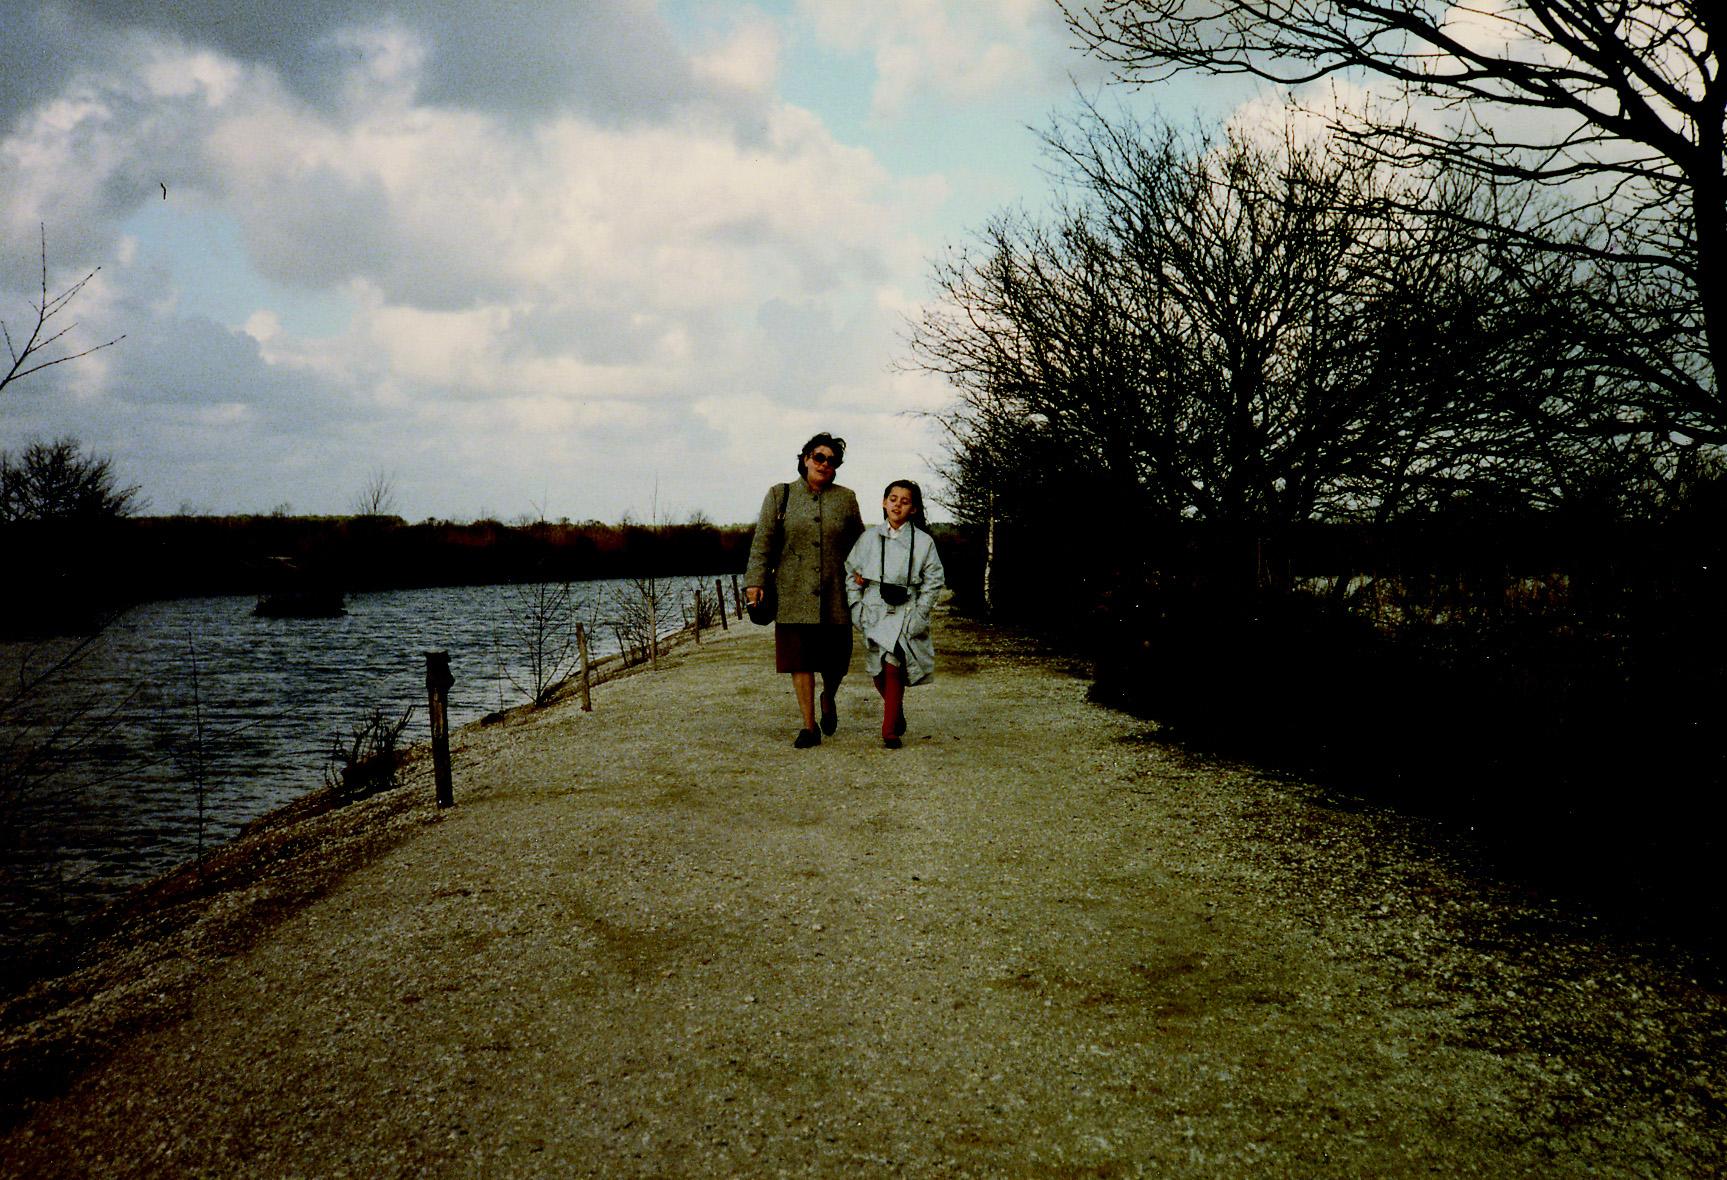 factoria entre dos aguas-arcachon 1986.JPG